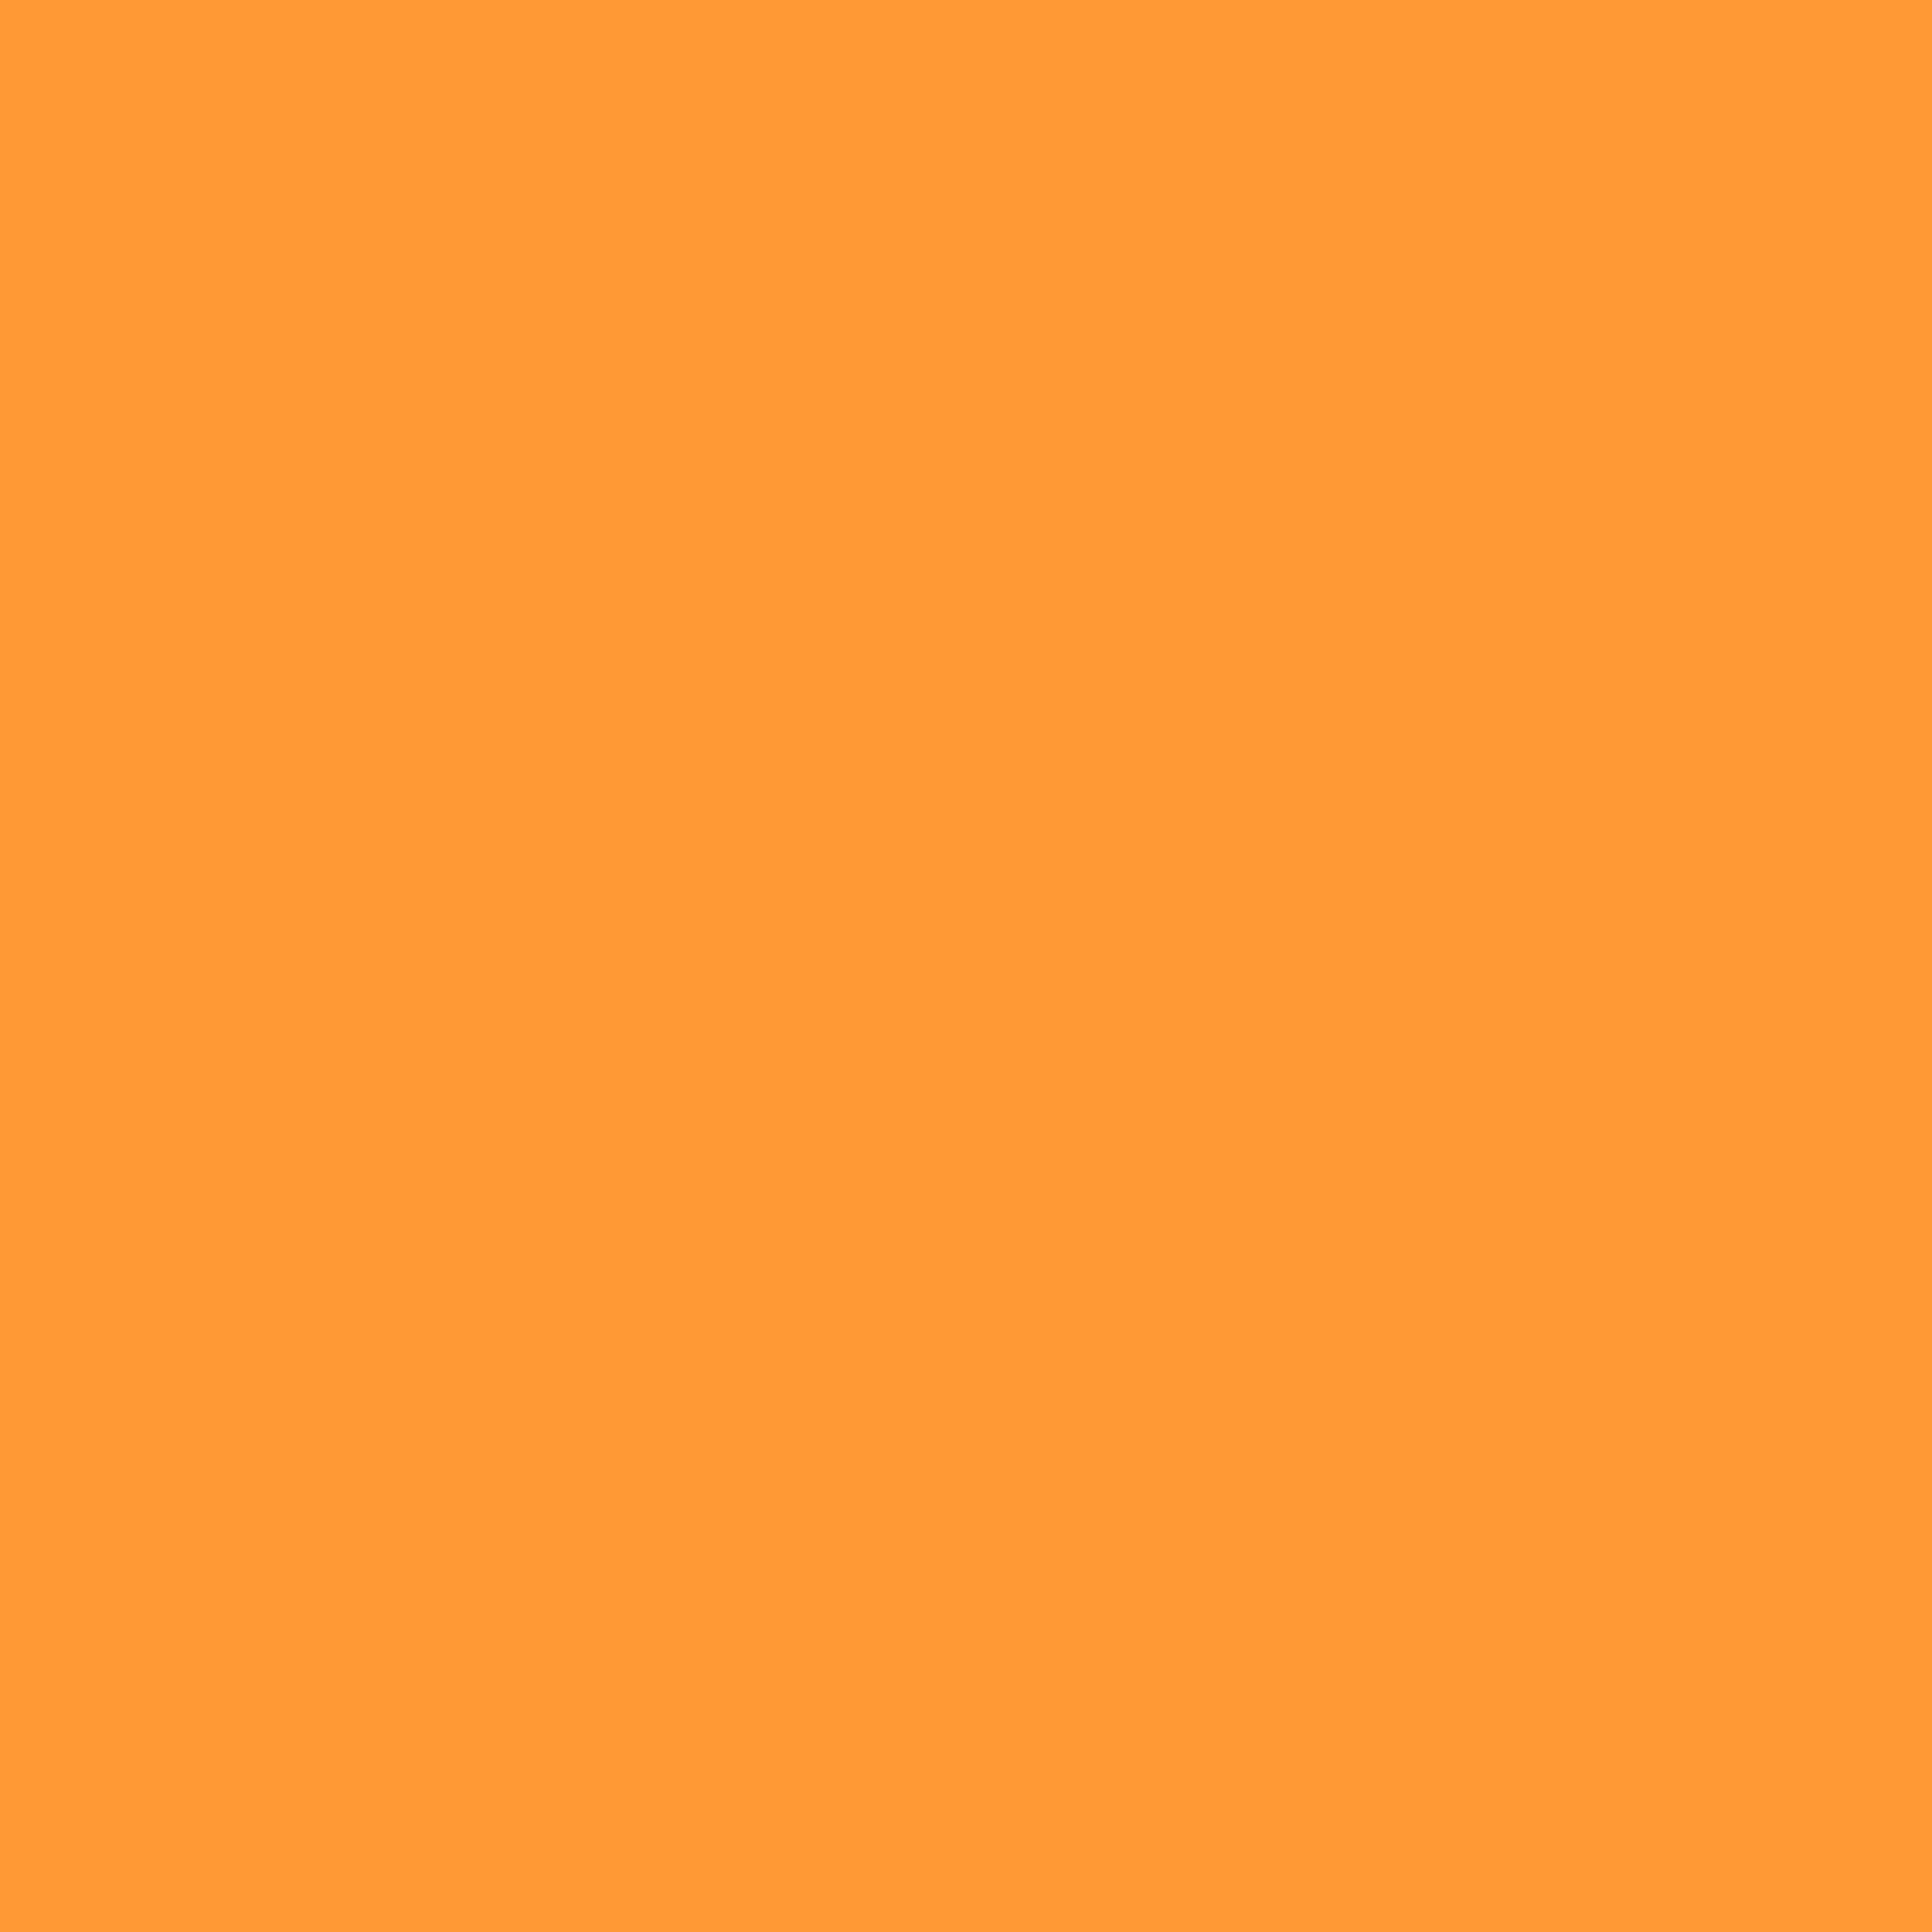 2732x2732 Deep Saffron Solid Color Background